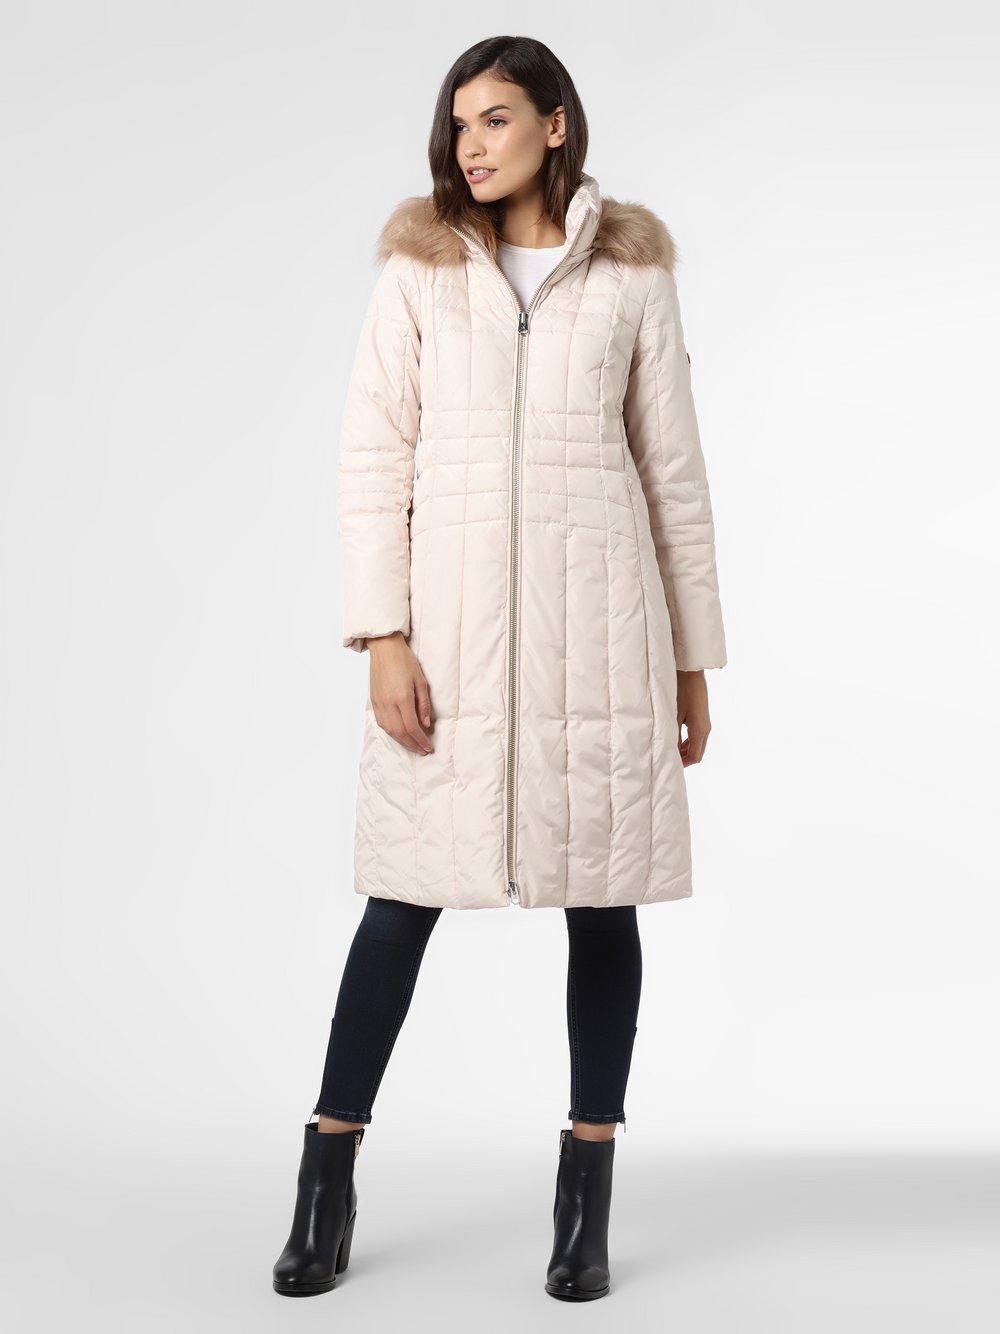 Calvin Klein - Damski płaszcz pikowany, beżowy